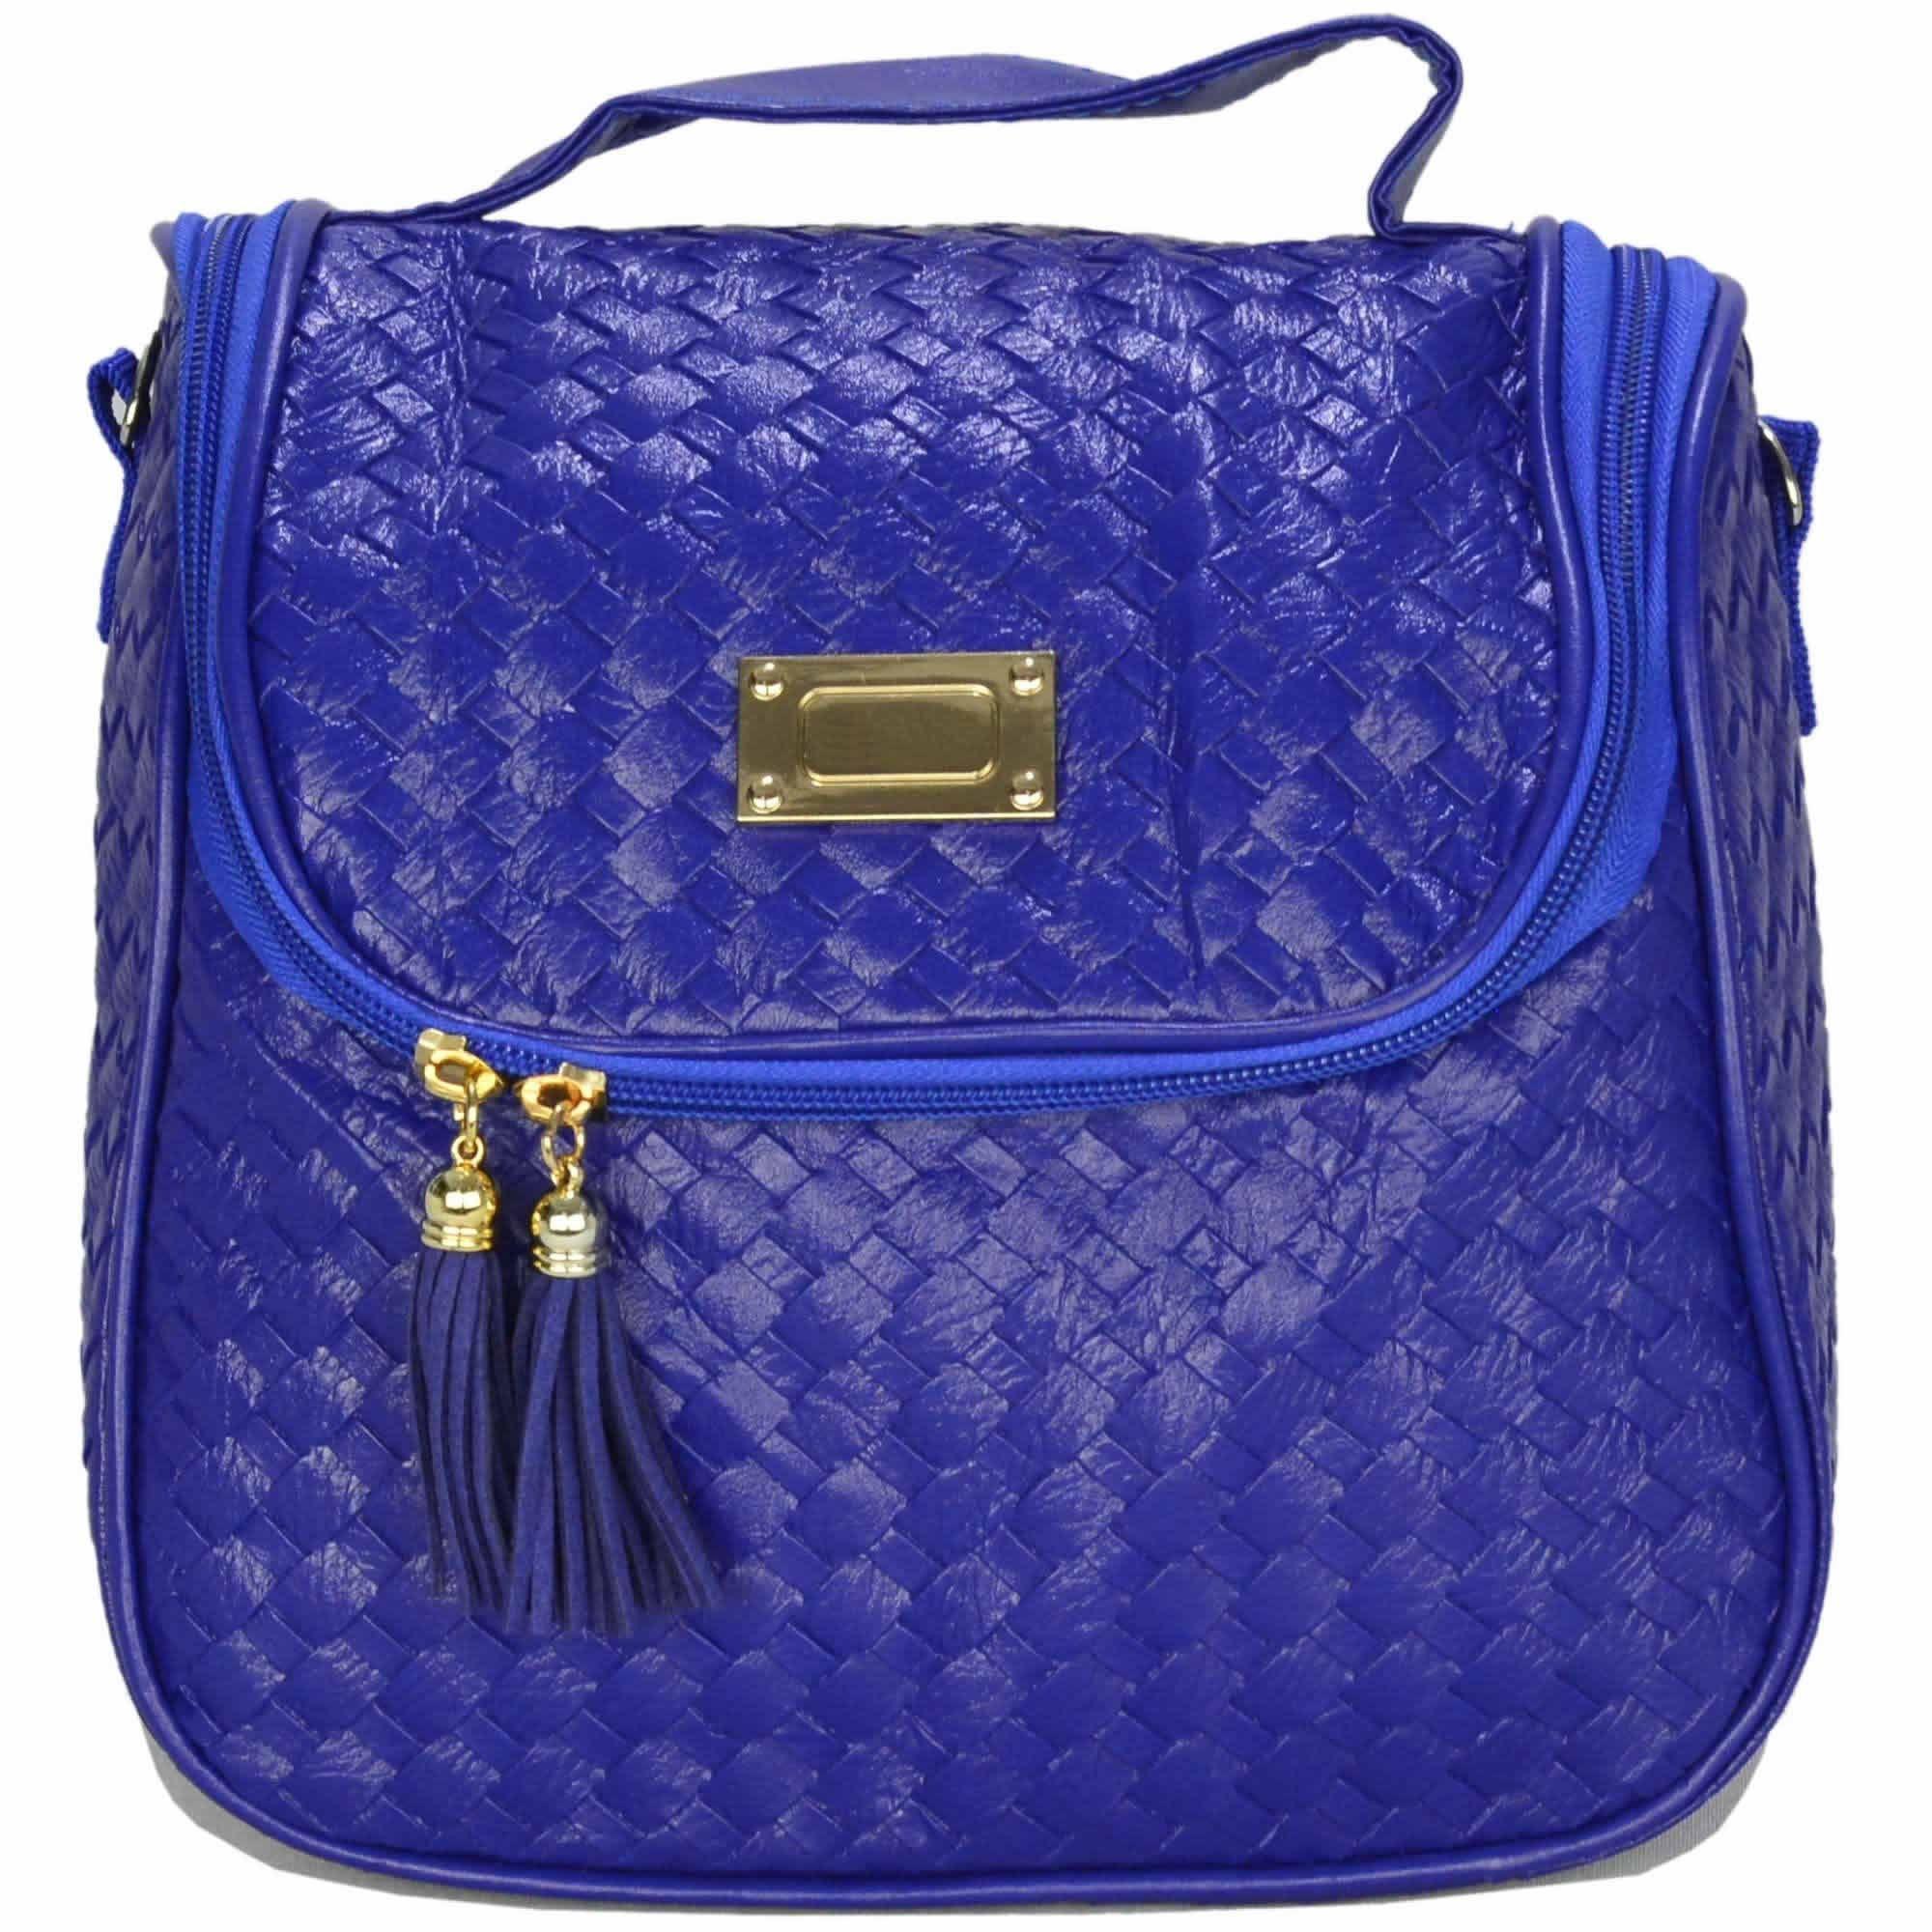 Nécessaire Feminina Bolsa Térmica Luxo Azul CBRN07950